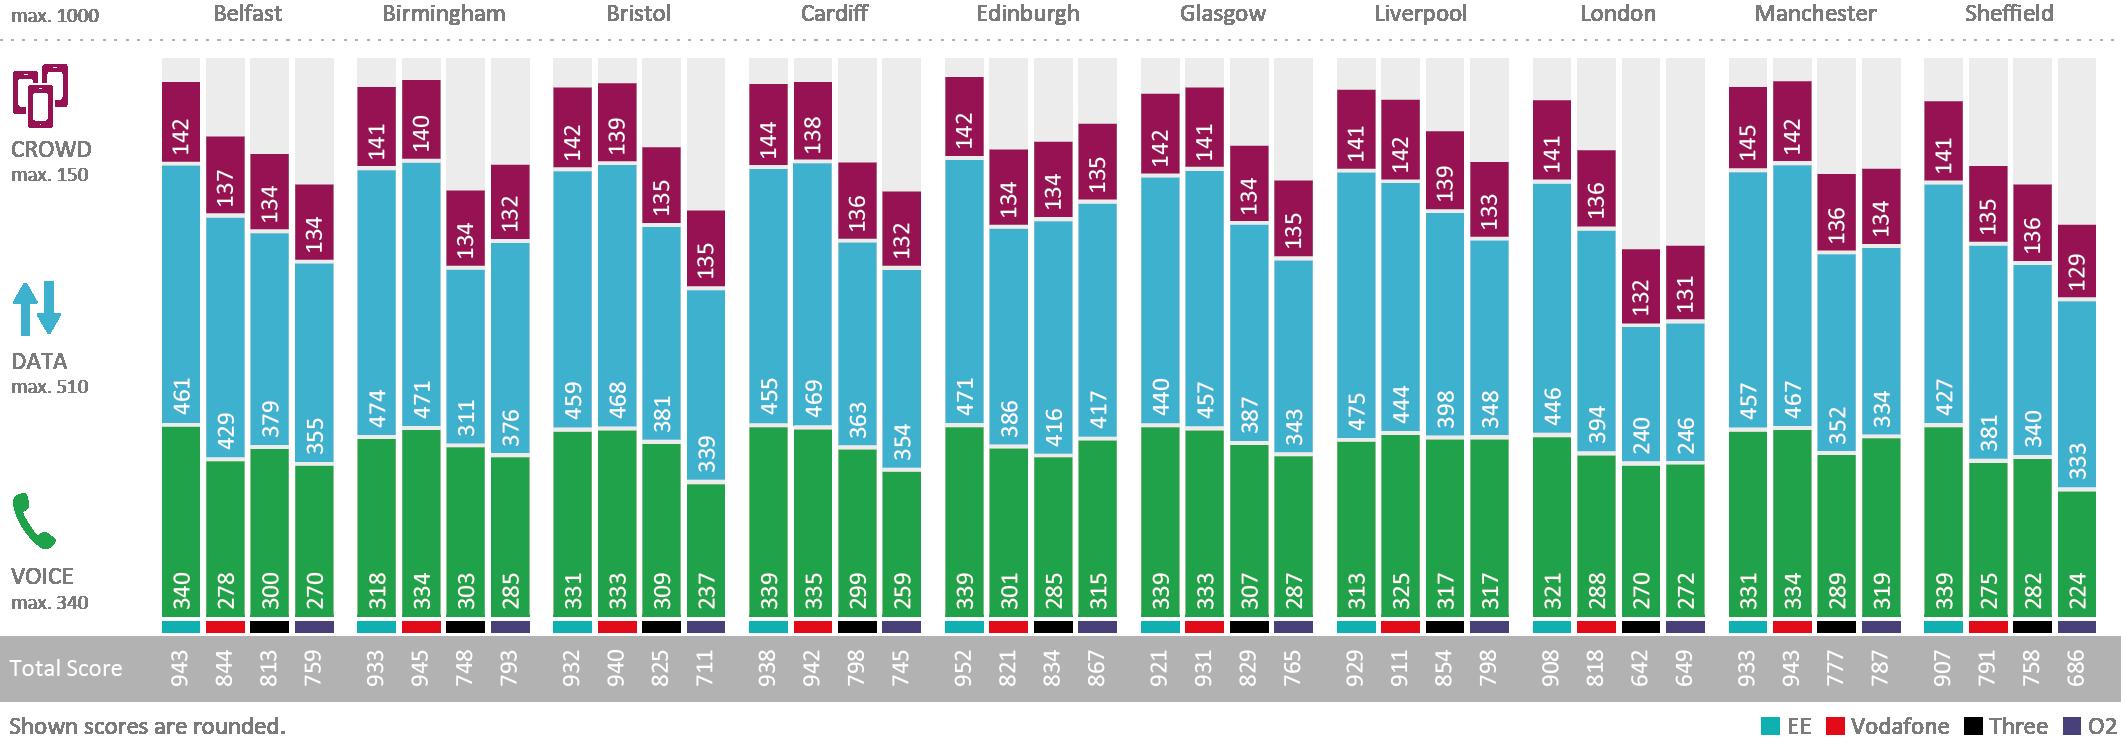 UK_City_Comparison_2018_v4.png